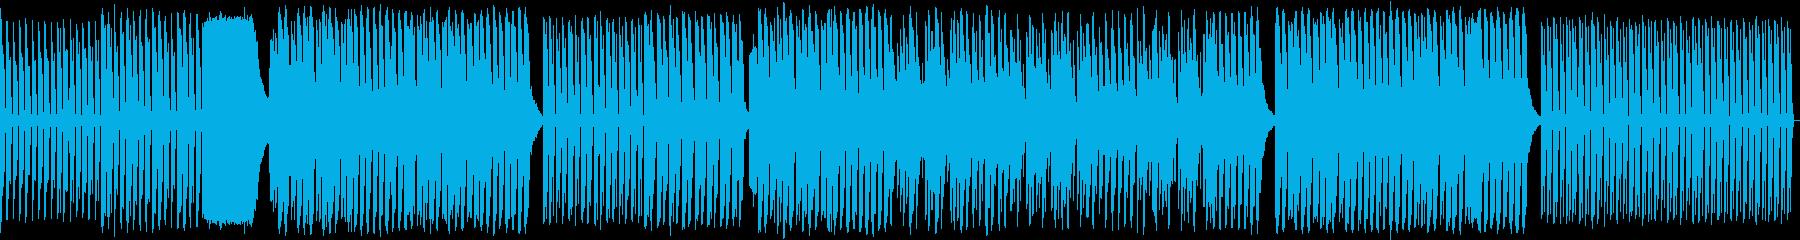 ダンス。テクノ。の再生済みの波形